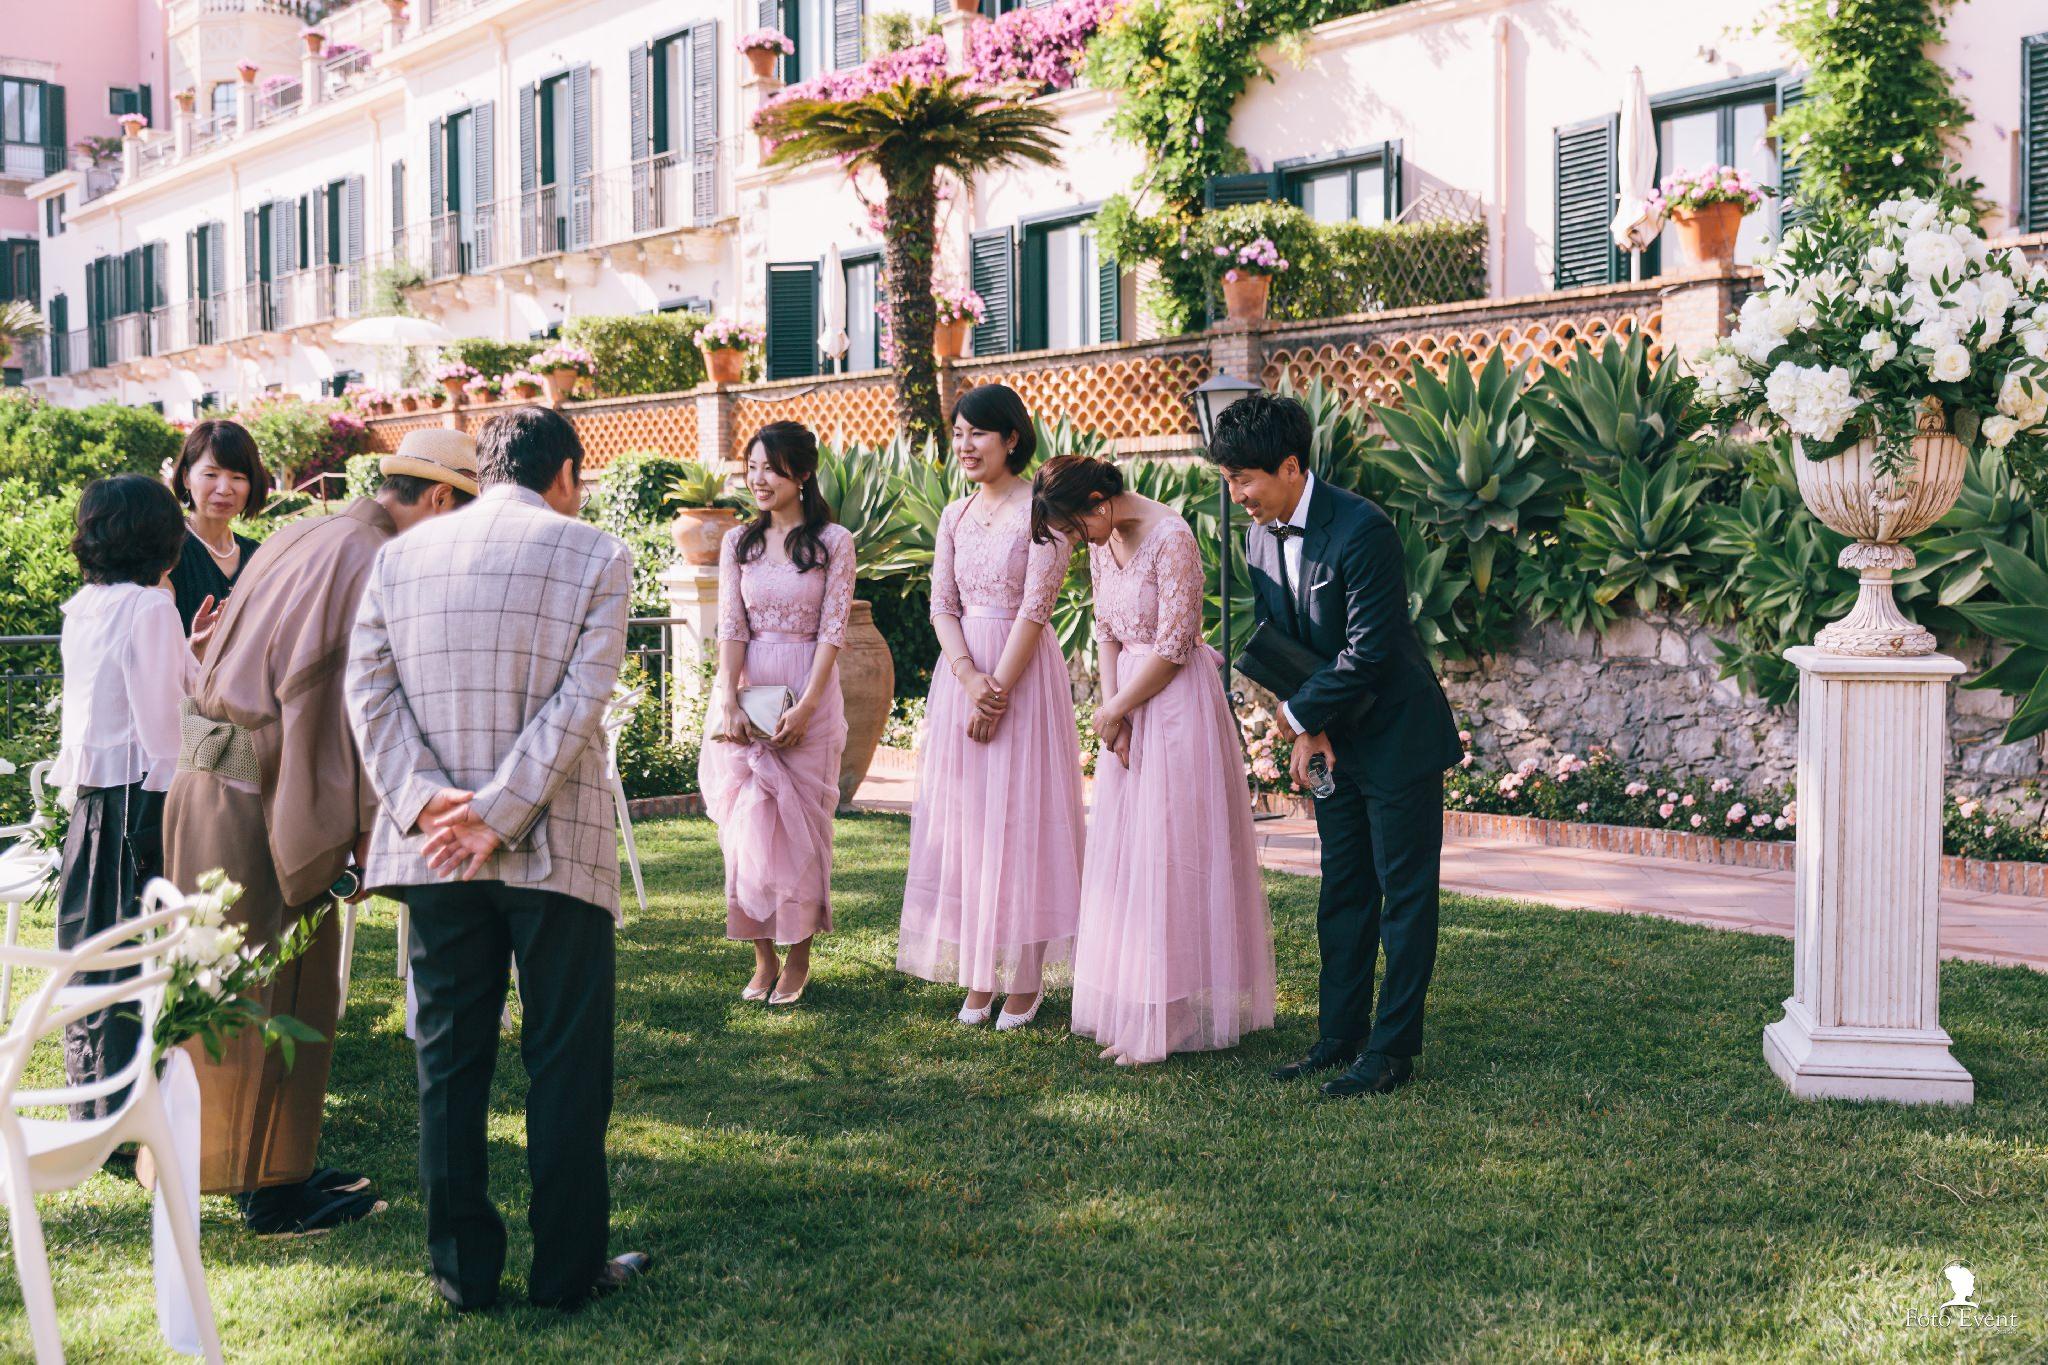 197-2019-06-14-Wedding-Yume-e-Makoto-Isee-5DE-416